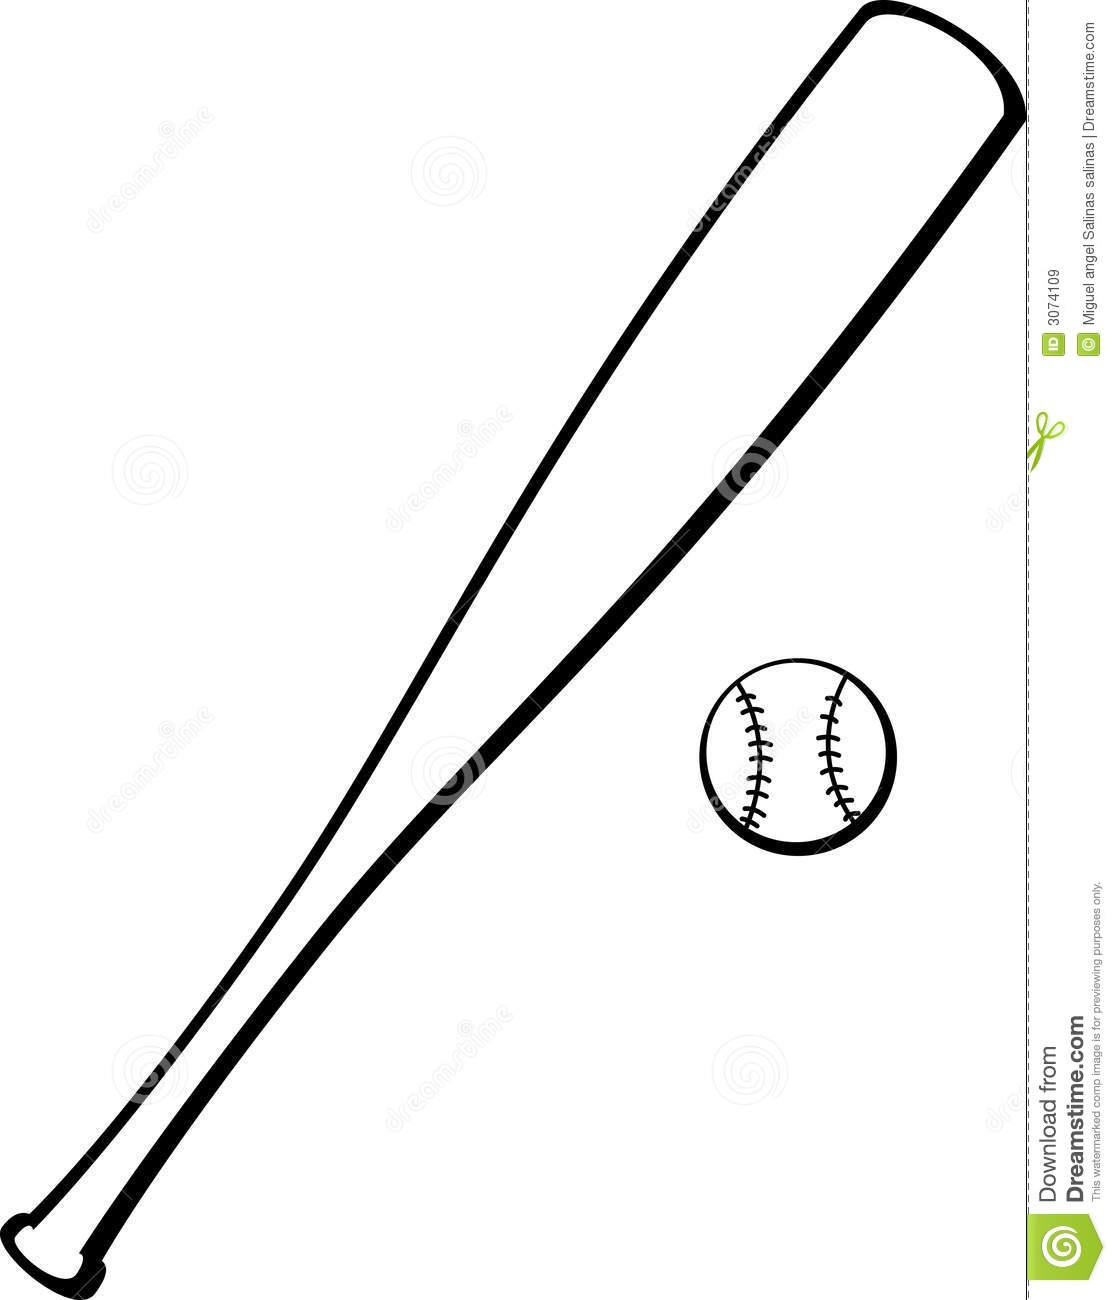 Baseball Bat Drawings - ClipArt Best